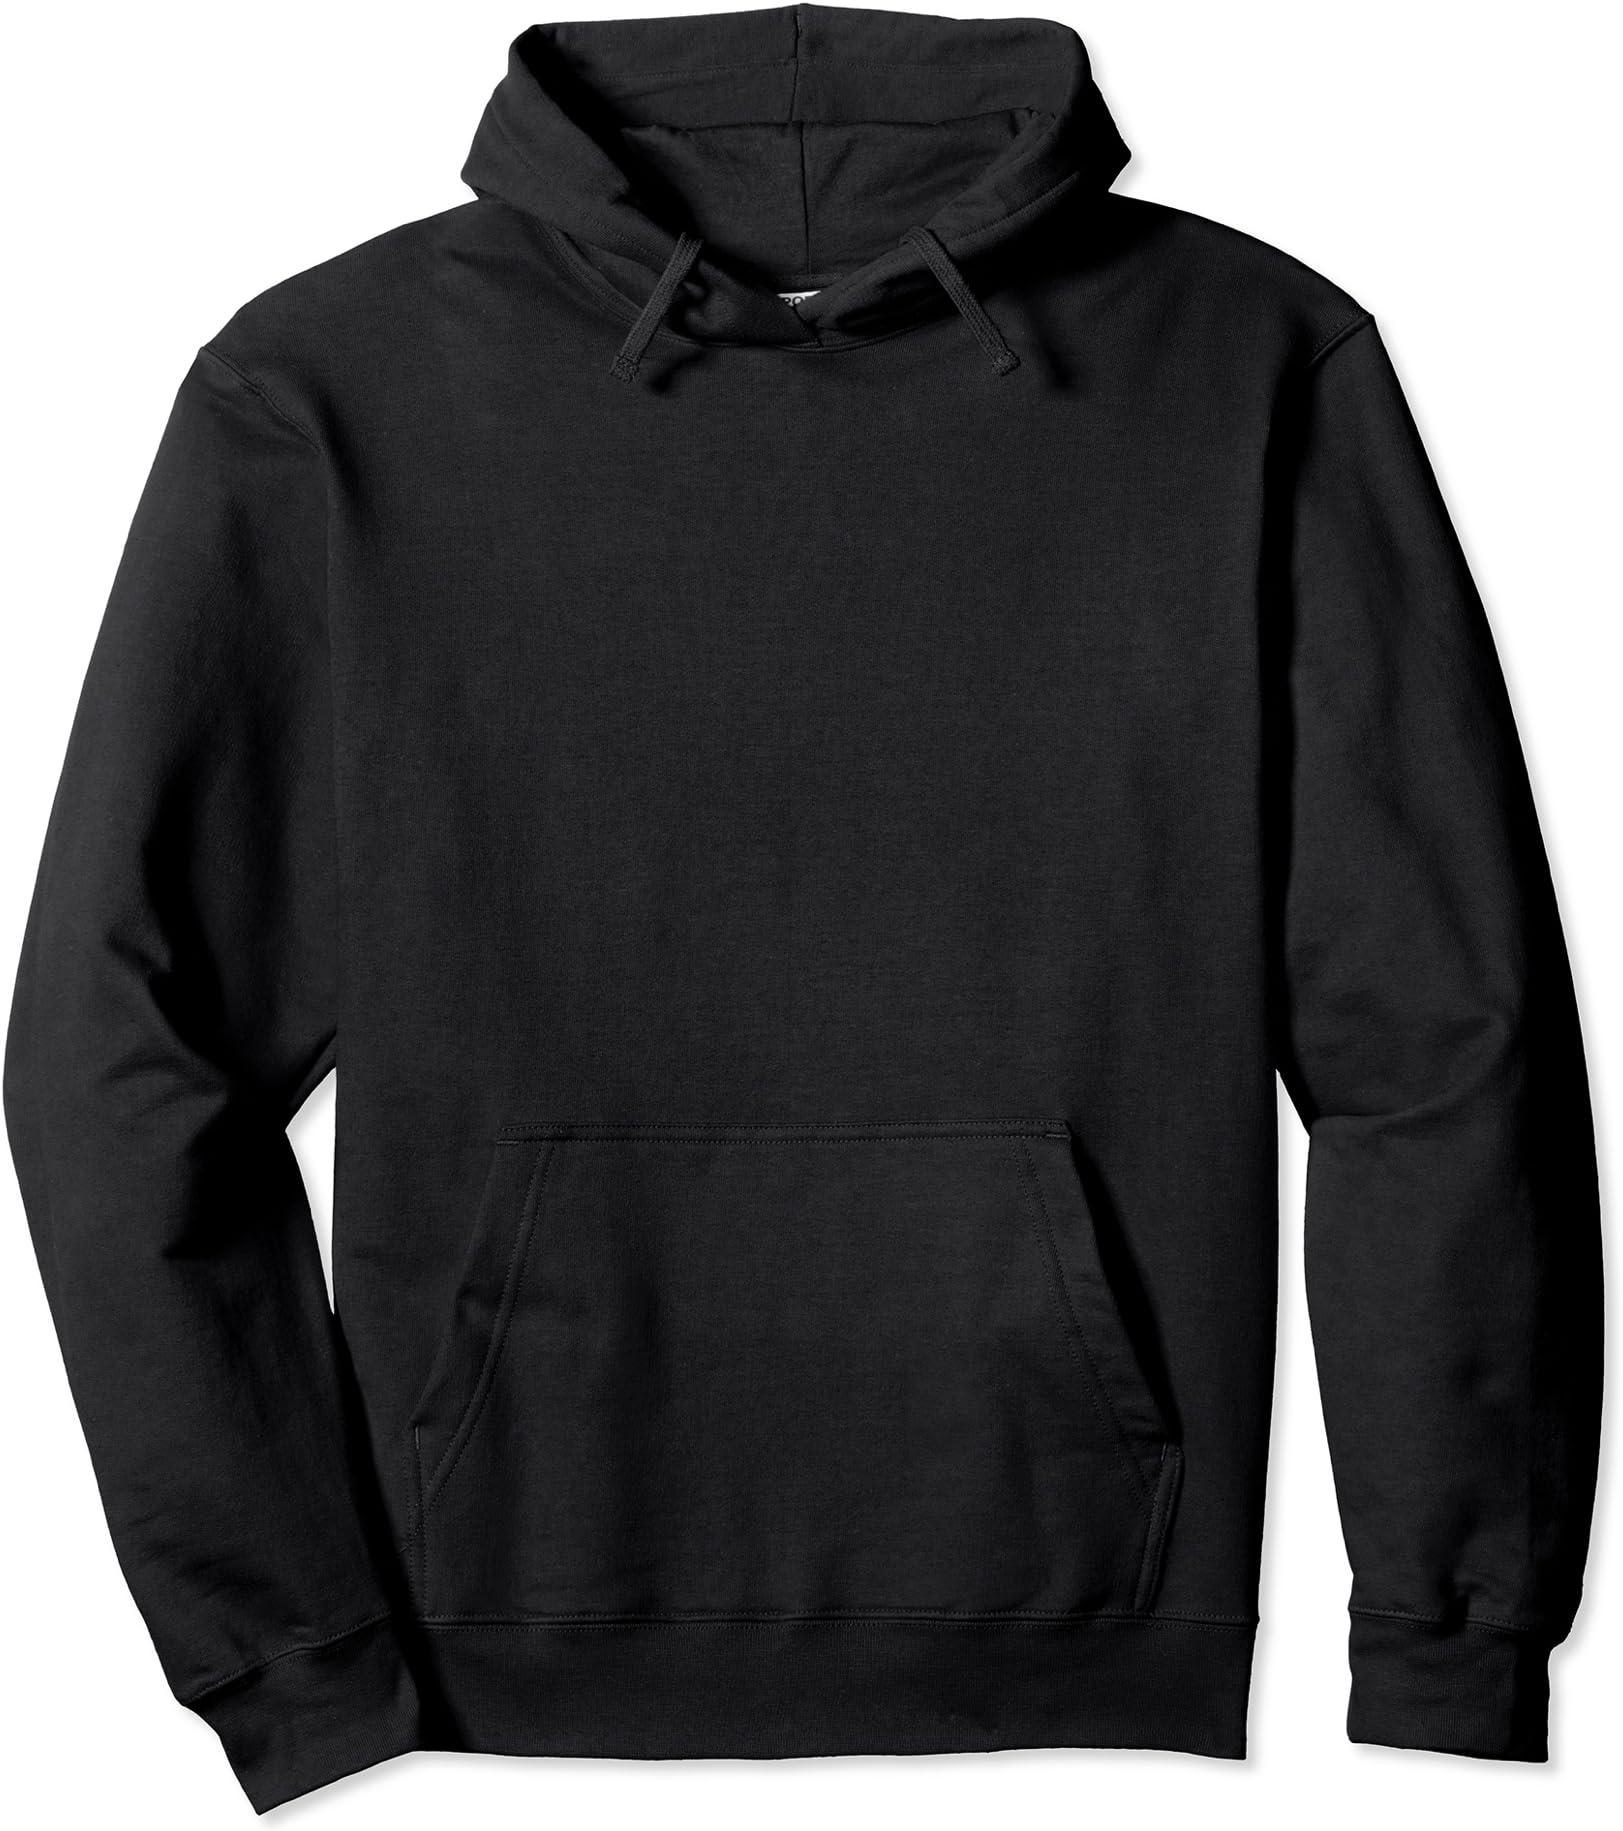 MAGA Trump 2020 Hoodie Sweatshirt Hoodie Gifts for men